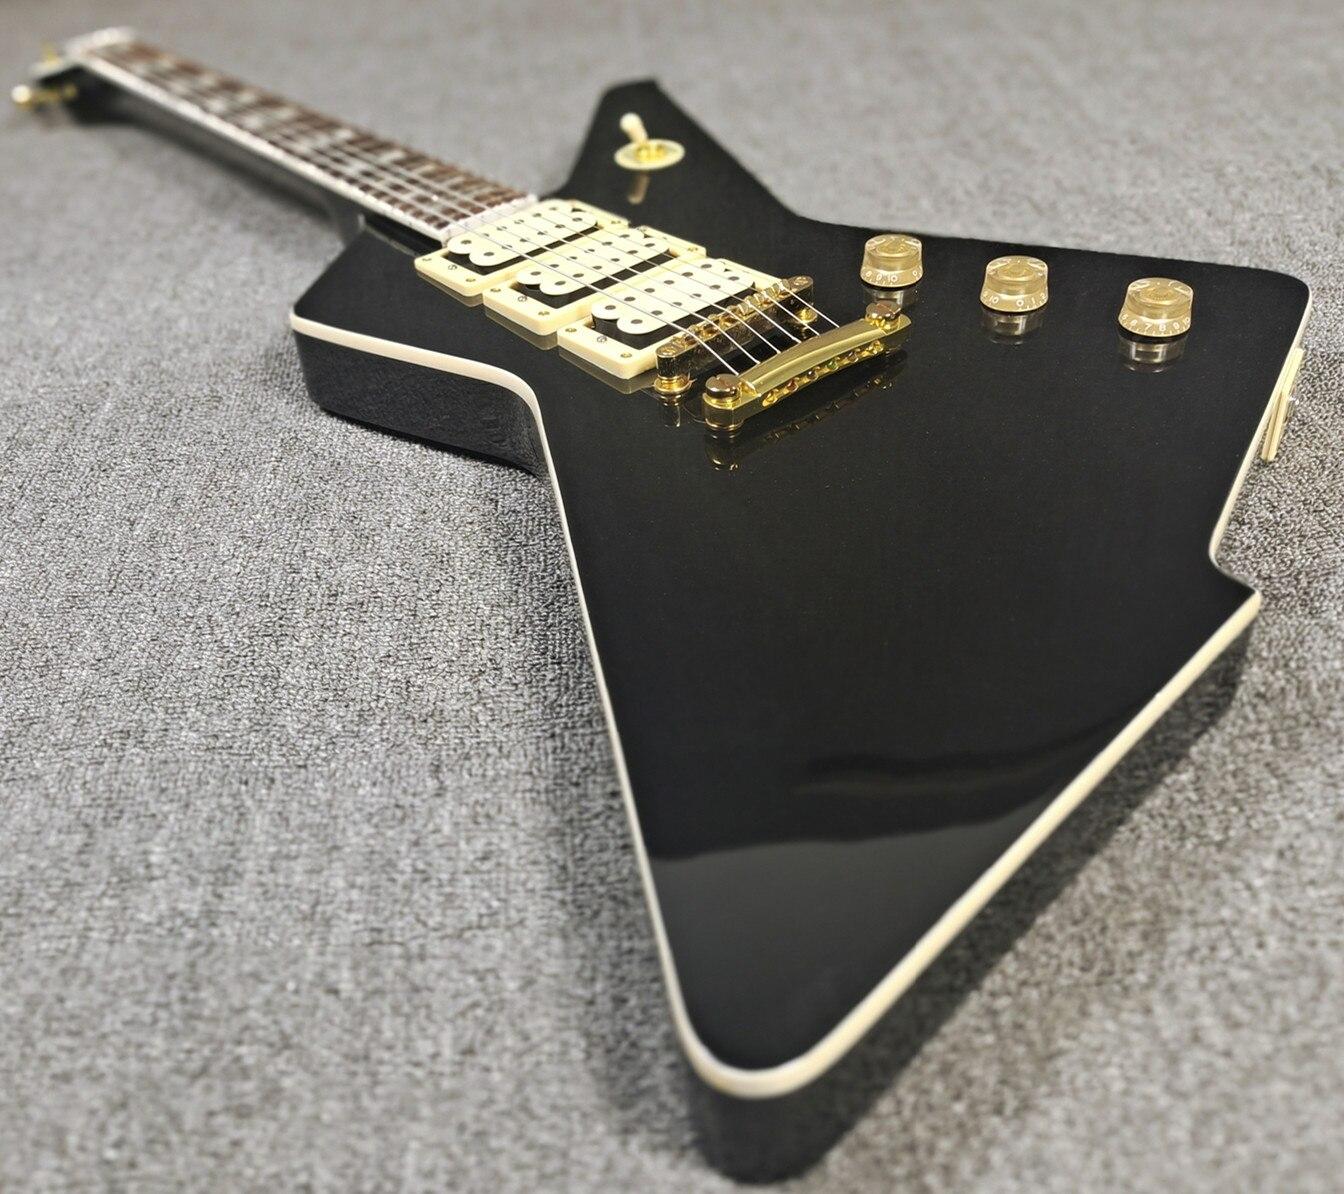 Guitarra Eléctrica con forma irregular 6 cuerdas de estilo personalizado color opcional